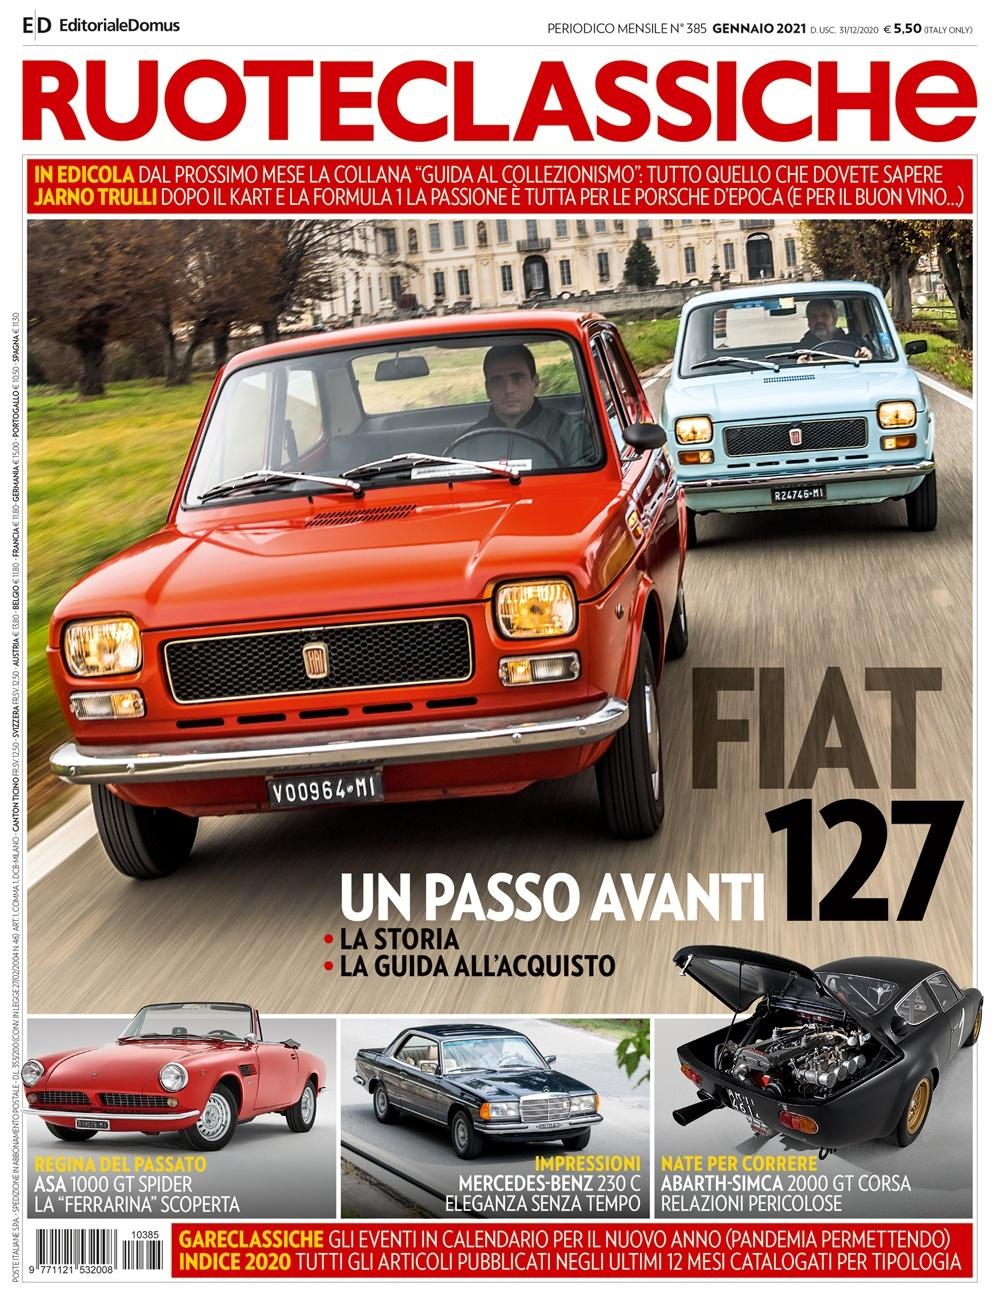 0385 Rcl Cover Maggiolino 1090 (002)